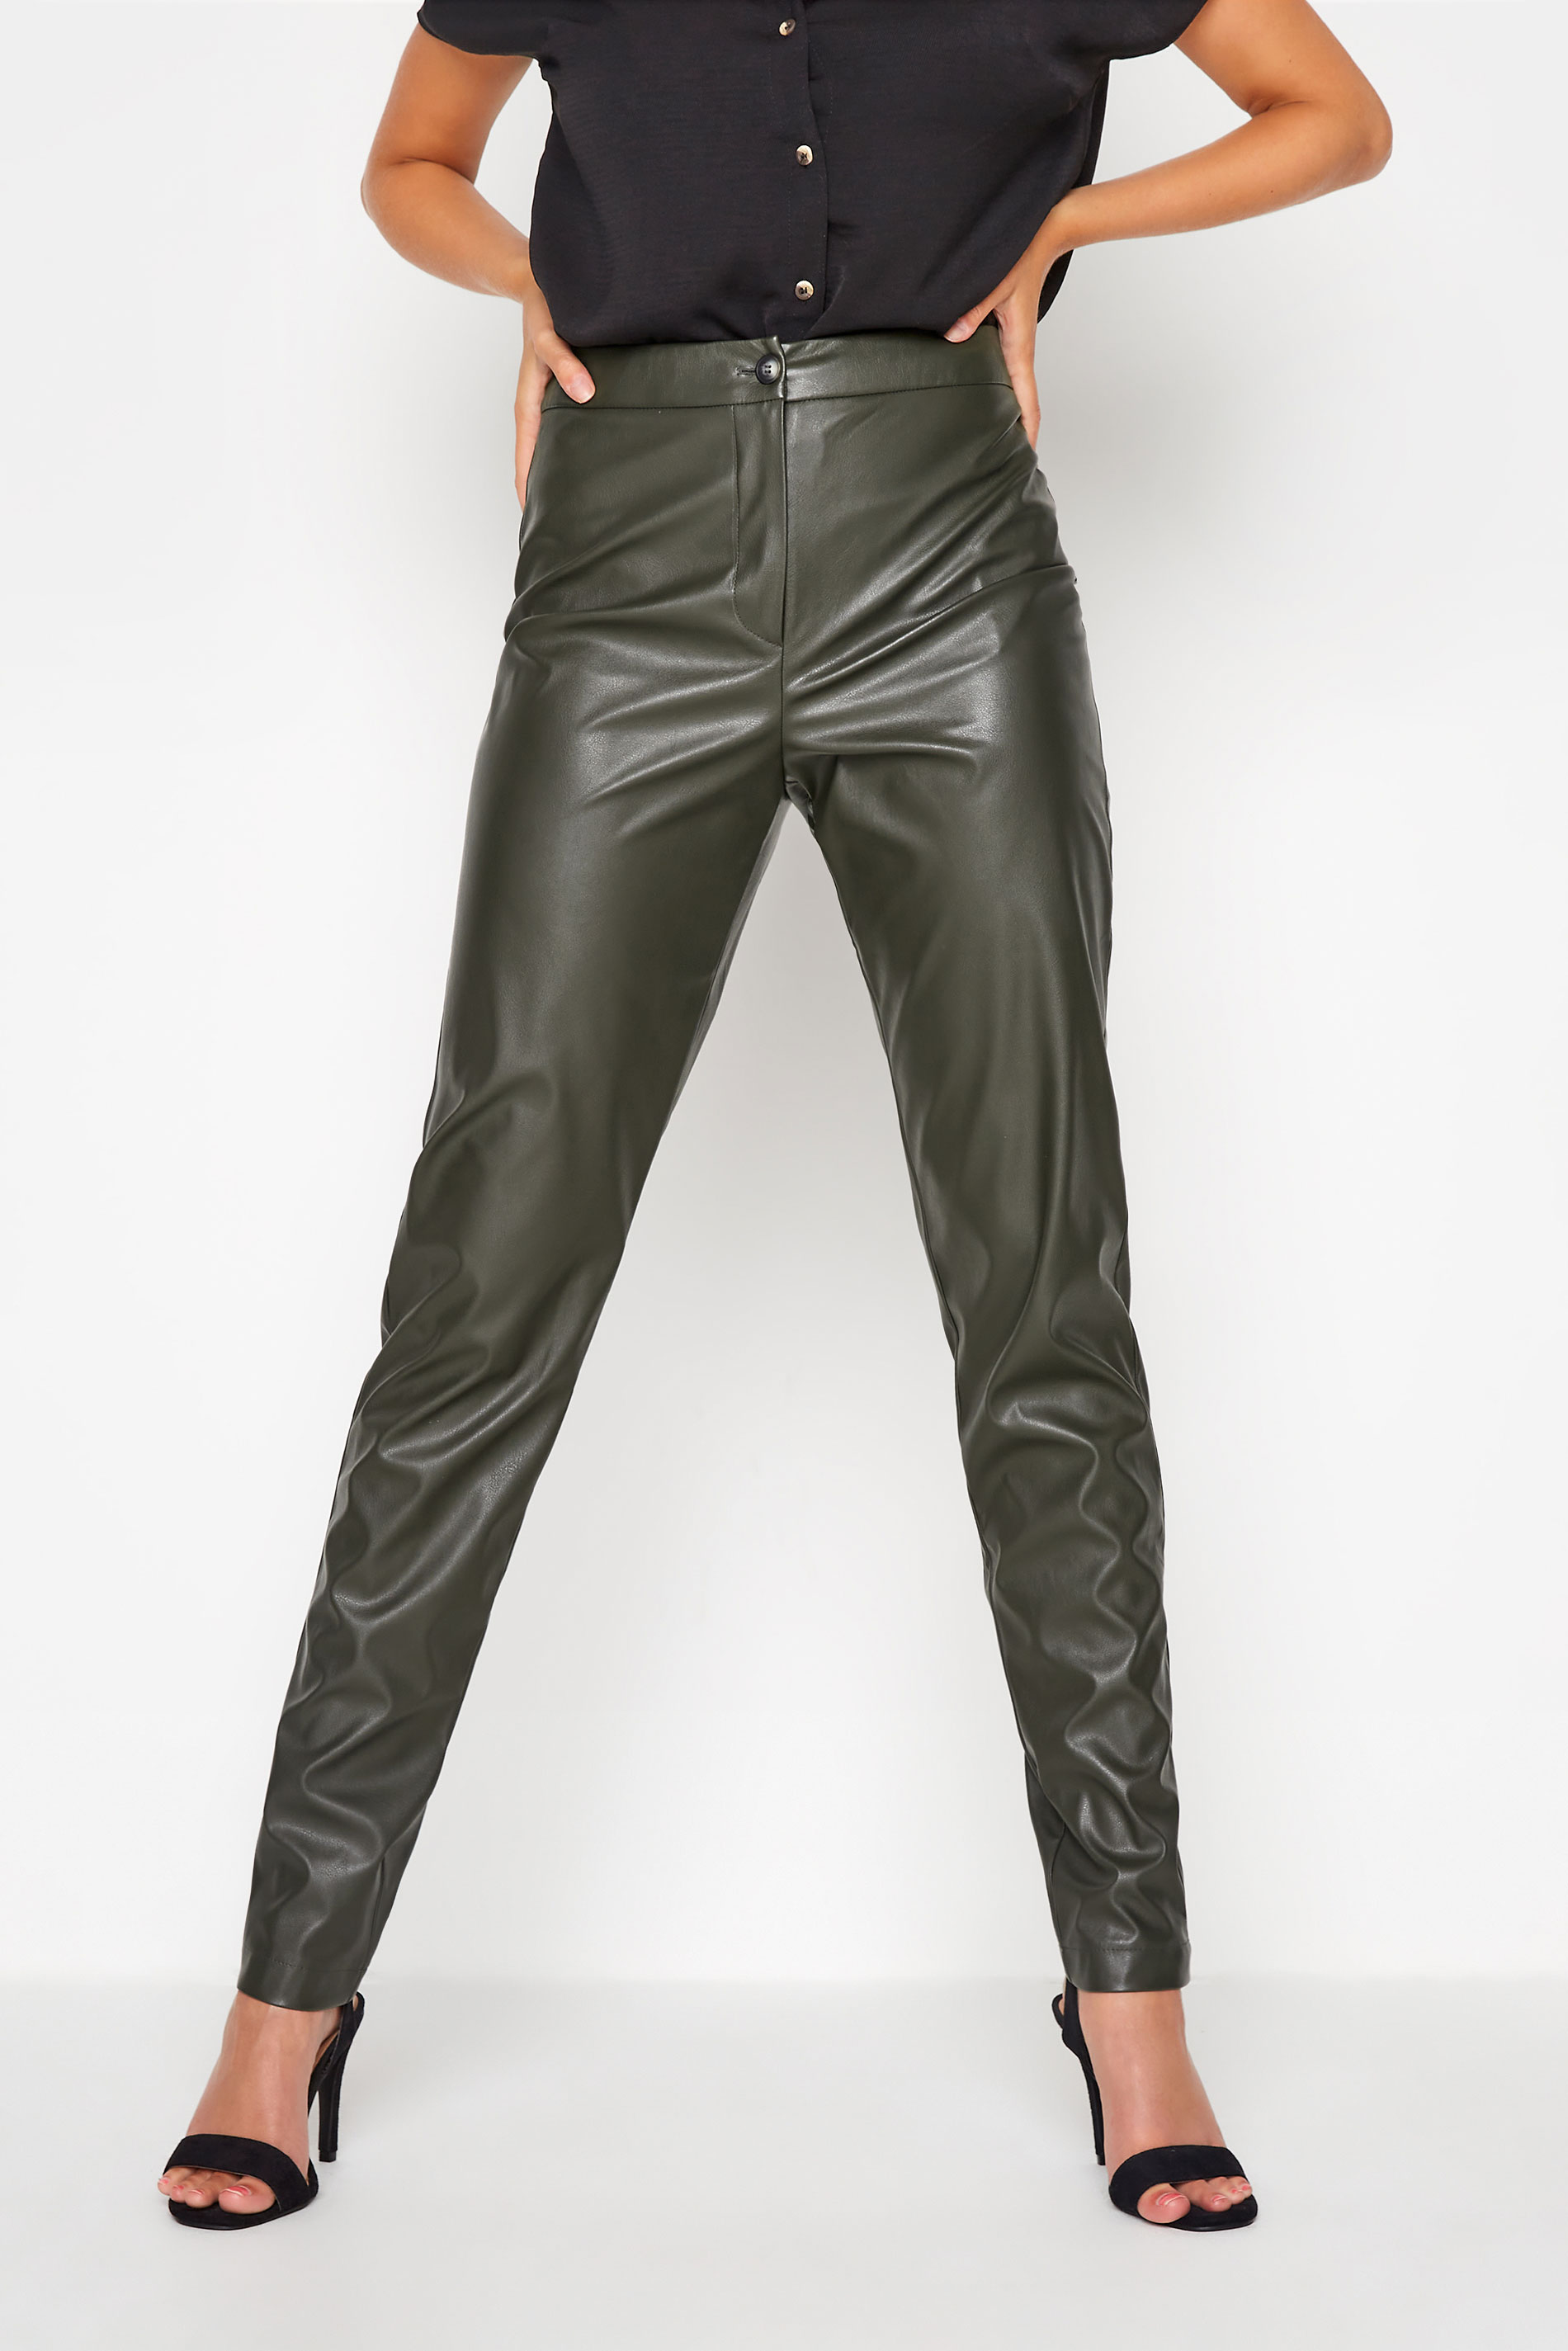 LTS Khaki Faux Leather Slim Leg Trousers_B.jpg